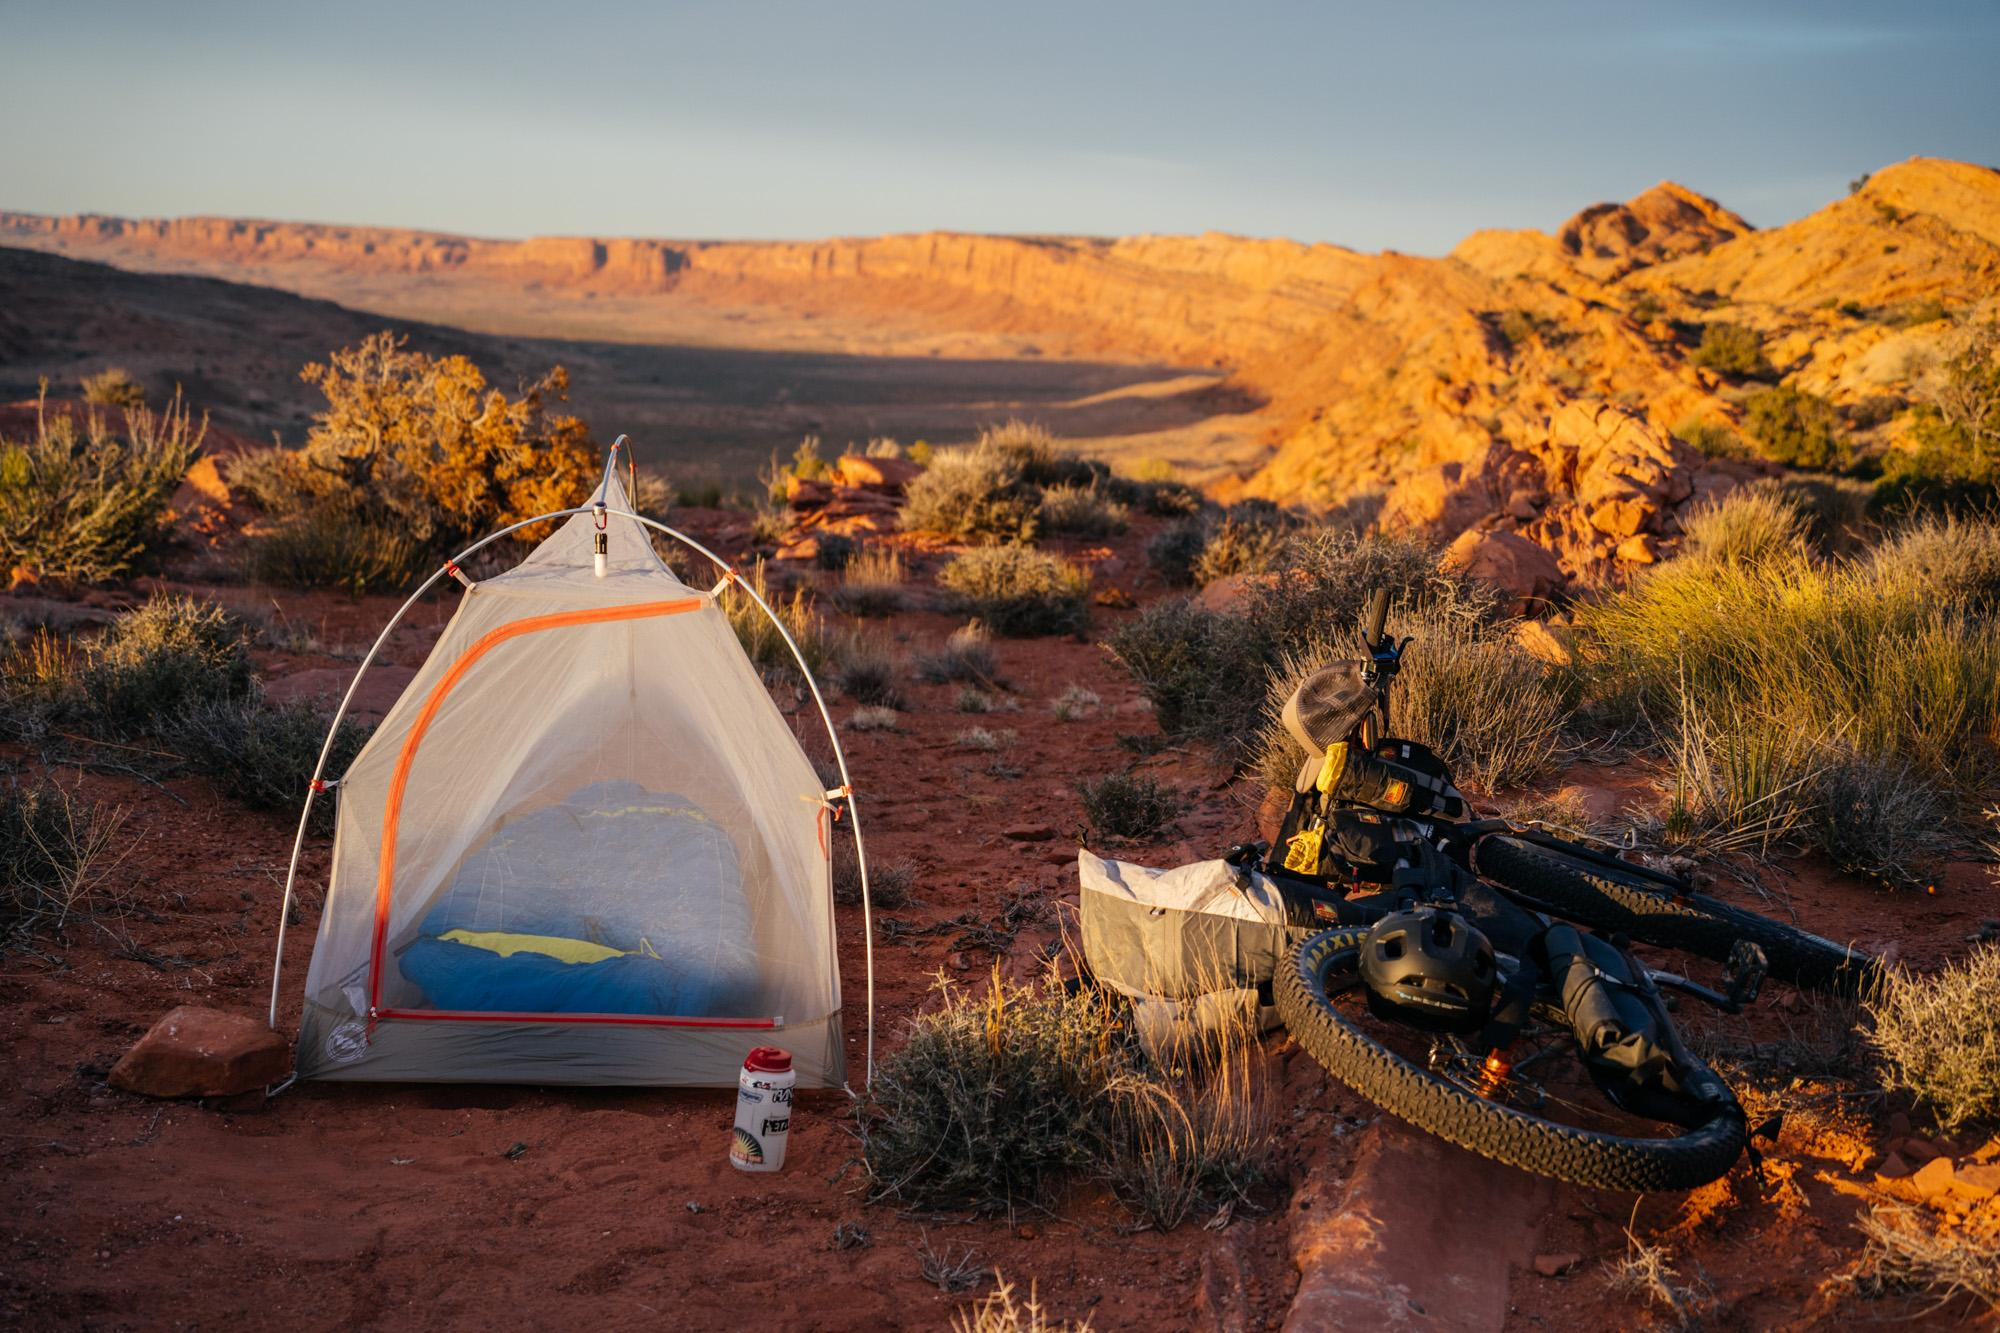 Jon's new tent